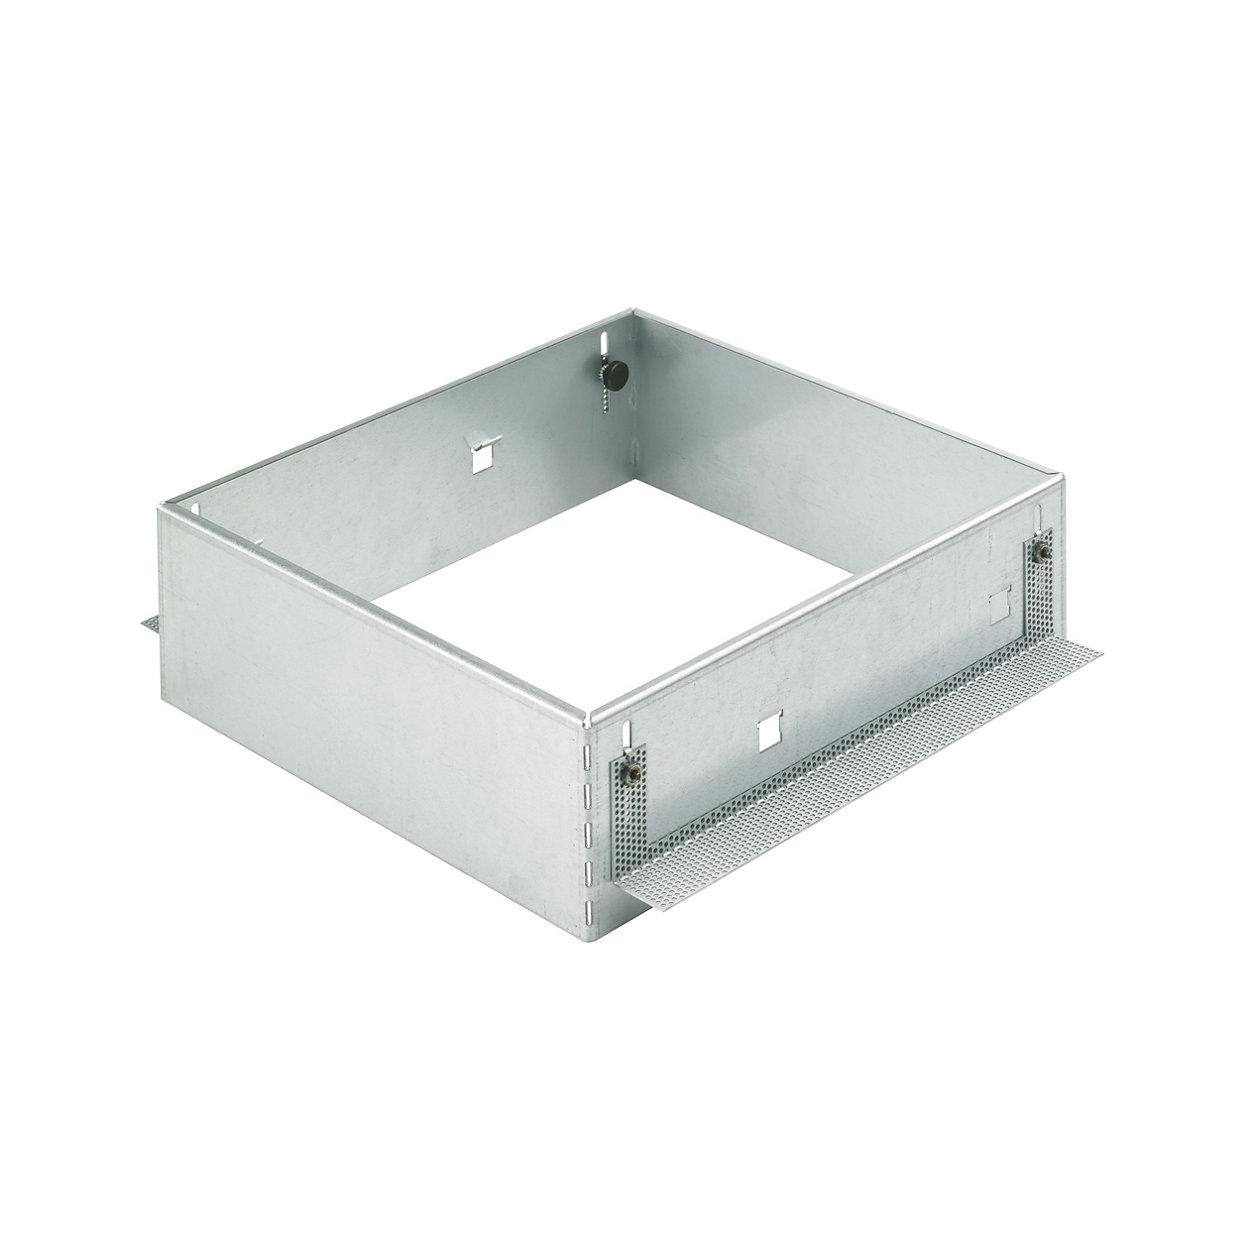 StoreFlux sans collerette – puissant éclairage d'accentuation LED s'intégrant parfaitement à toutes les architectures intérieures